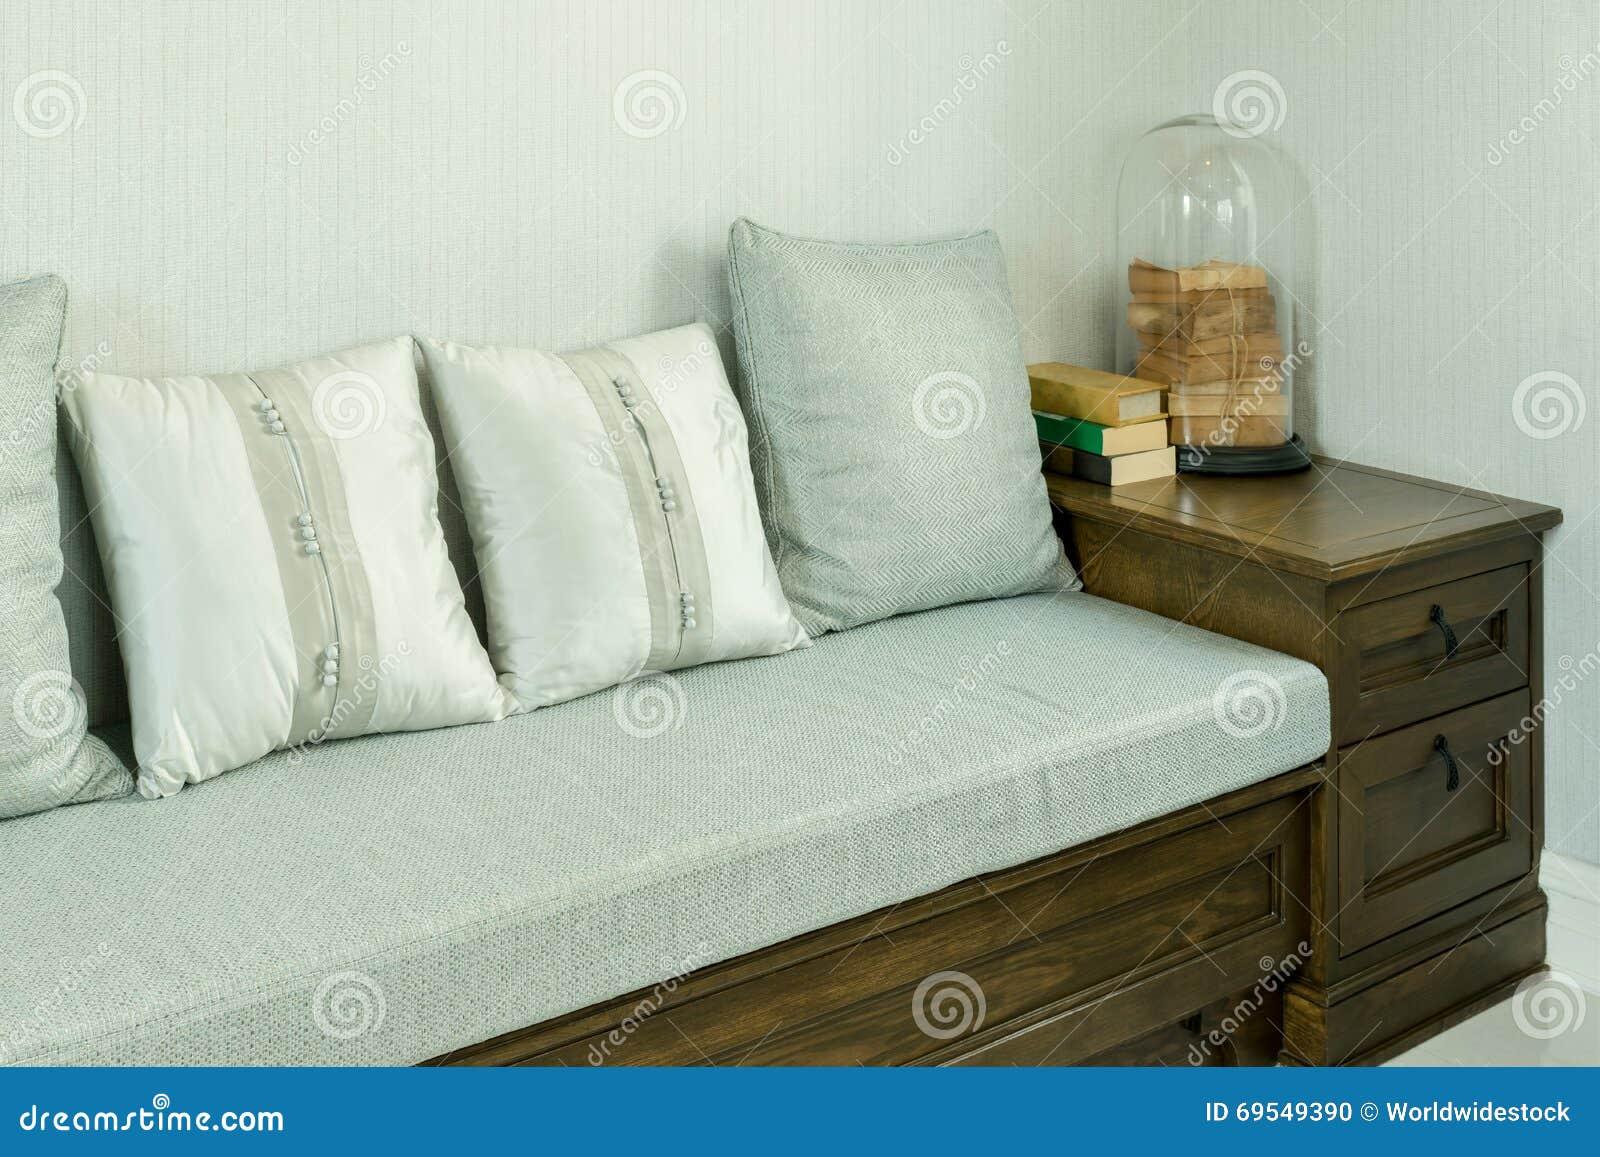 Woonkamer met witte en grijze hoofdkussens op houten bank stock ...